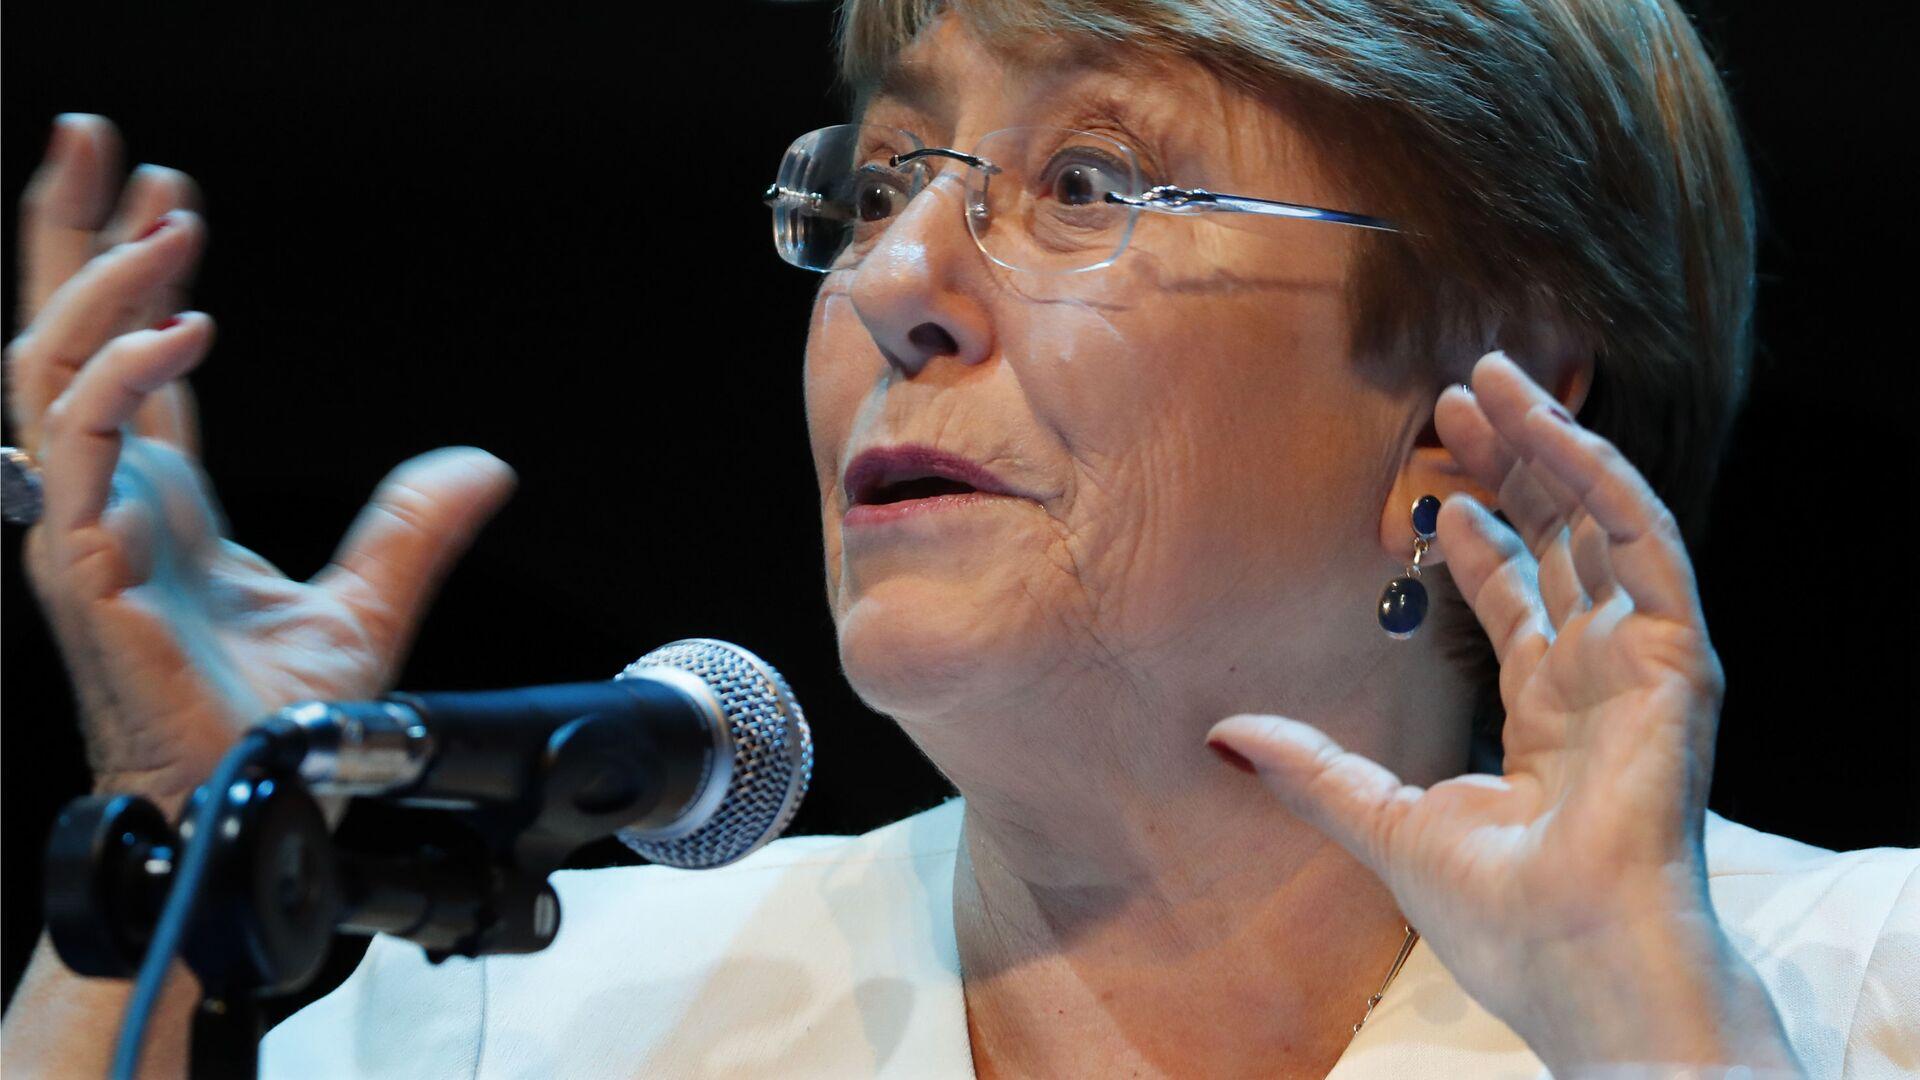 La Alta Comisionada de las Naciones Unidas para los Derechos Humanos, Michelle Bachelet - Sputnik Mundo, 1920, 15.09.2021